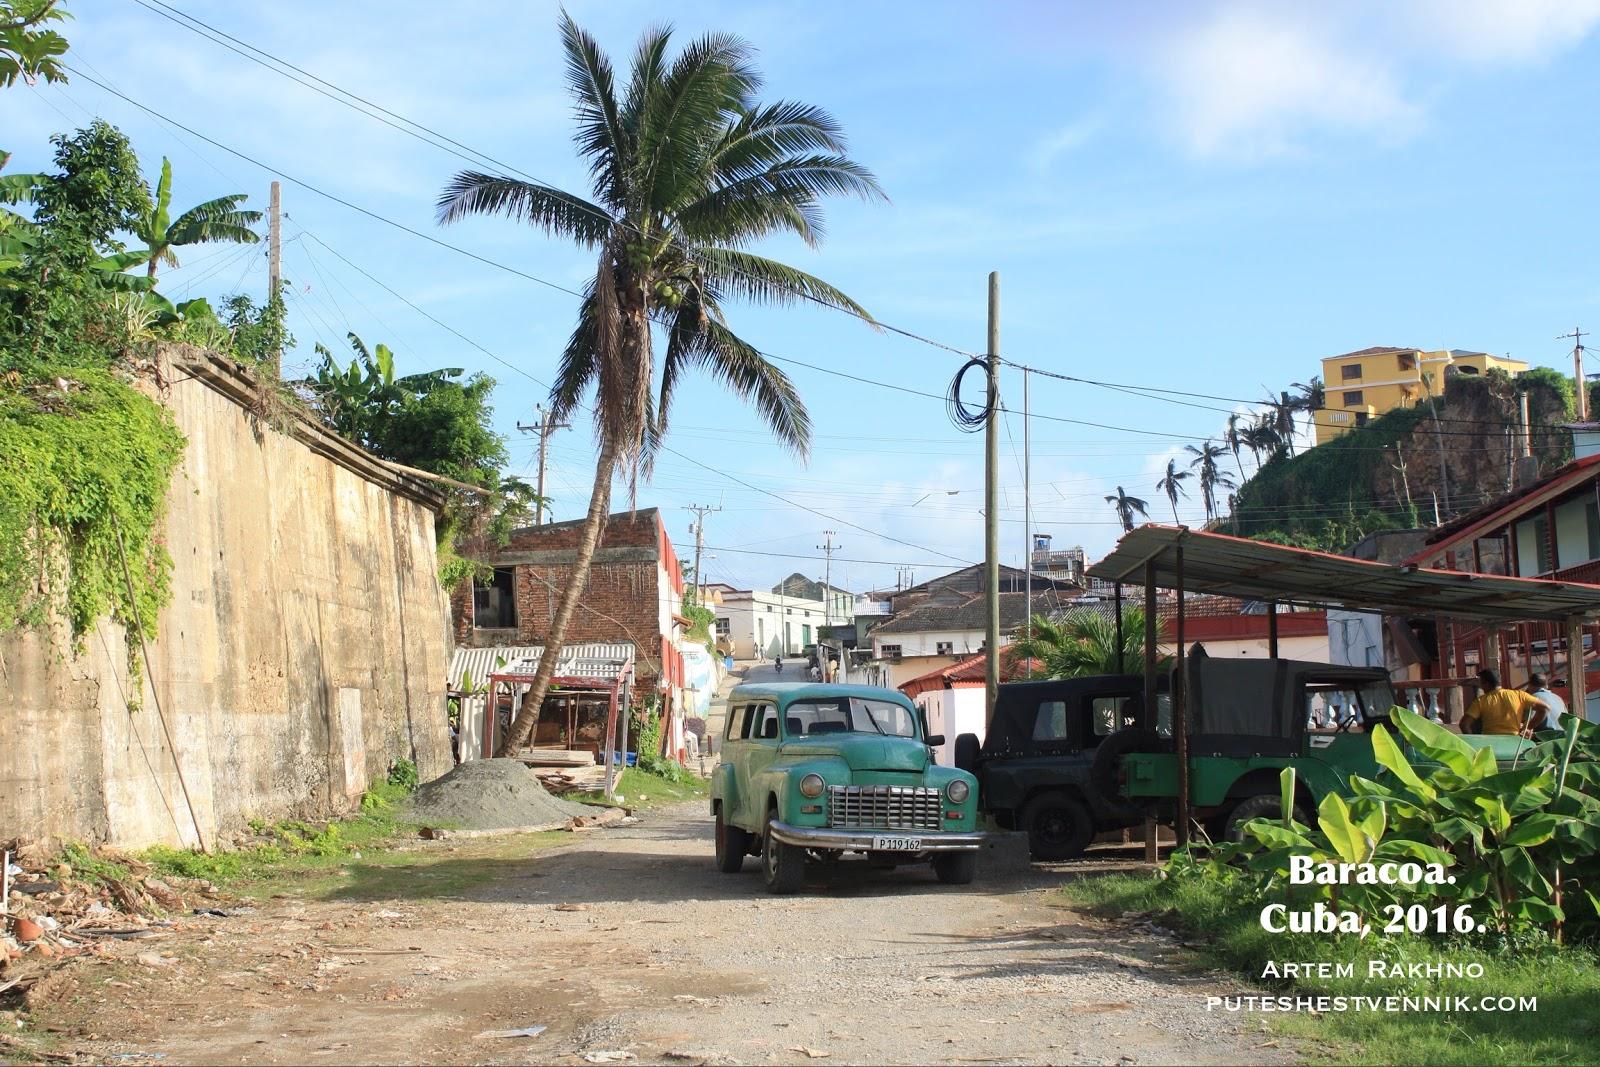 Автомобиль и пальма в Баракоа